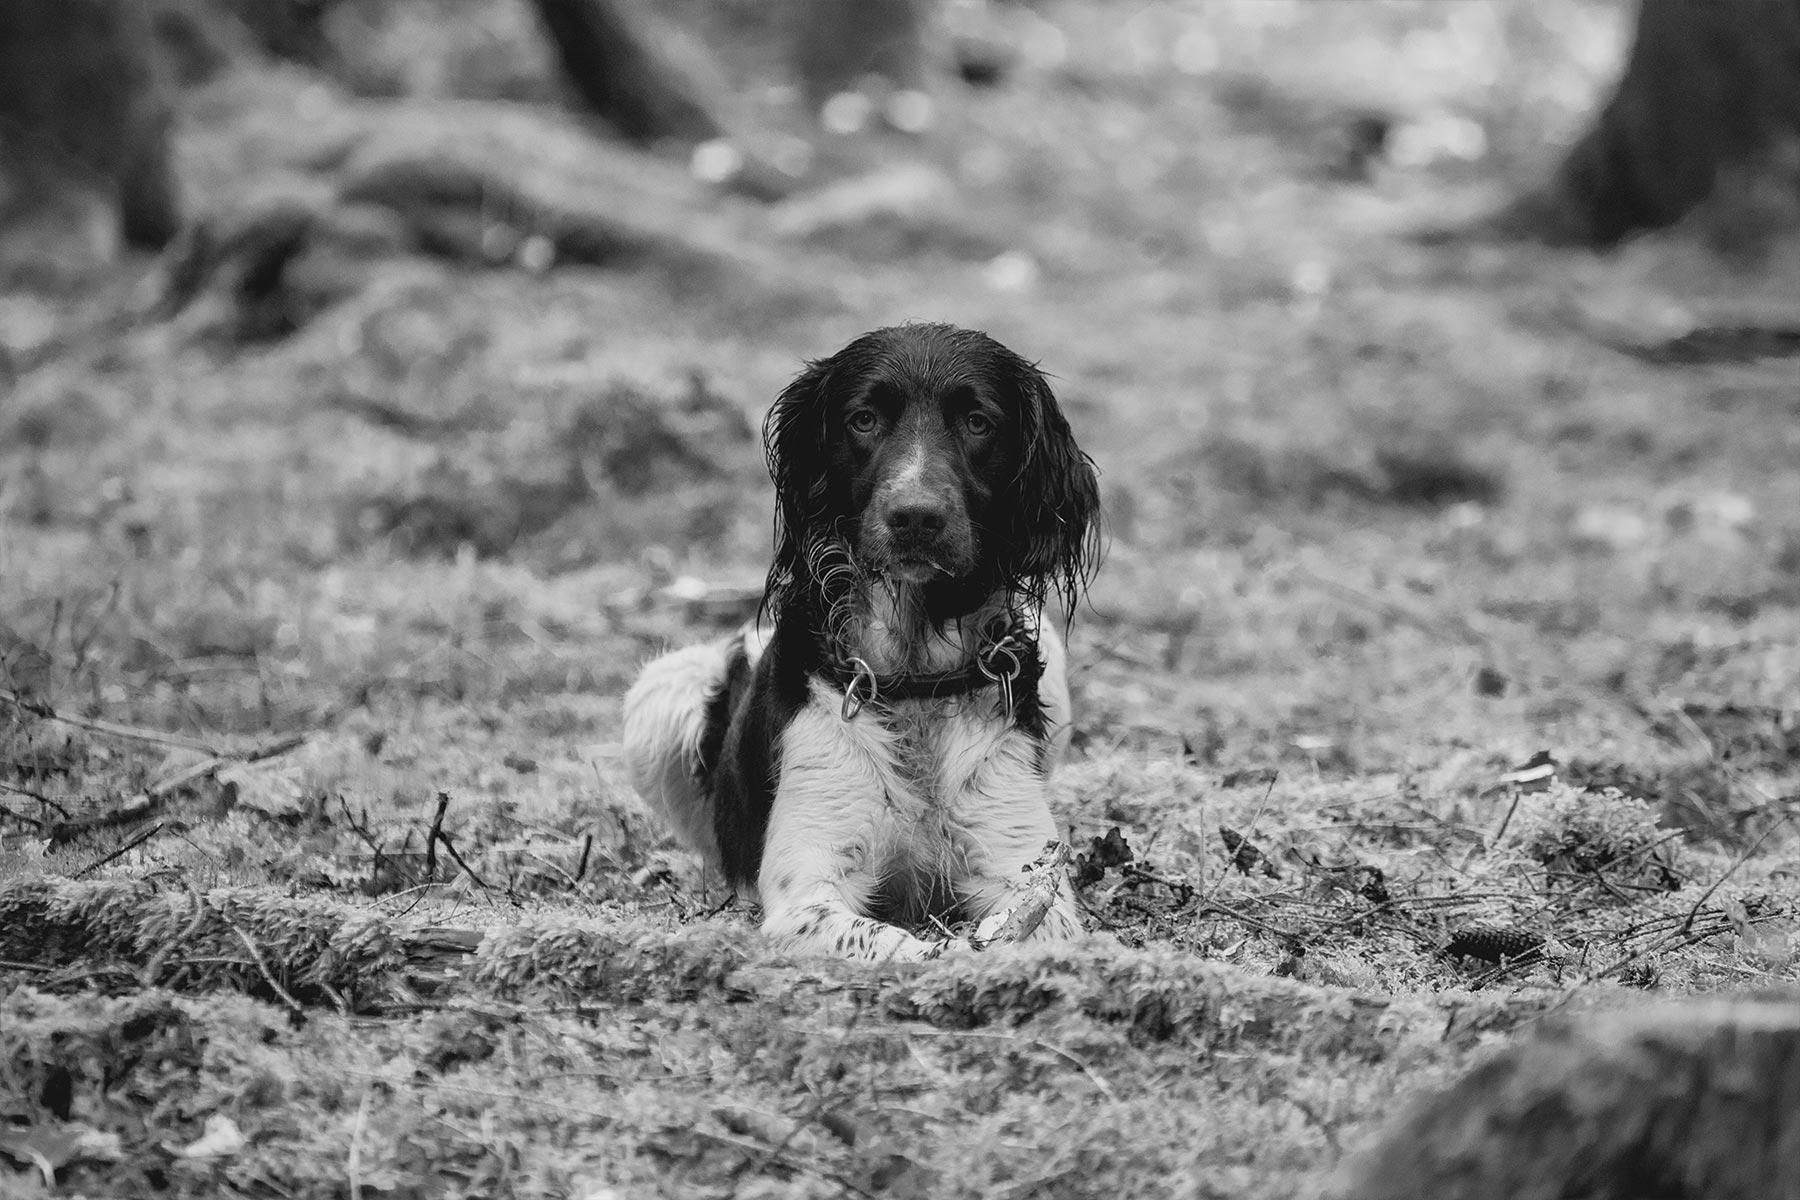 schwarzweiss-kleiner-muensterlaender-hund-buddeln-tierfilm-wald-rennen-outdoor-hundefilm-jagdhund-basti-kaspar